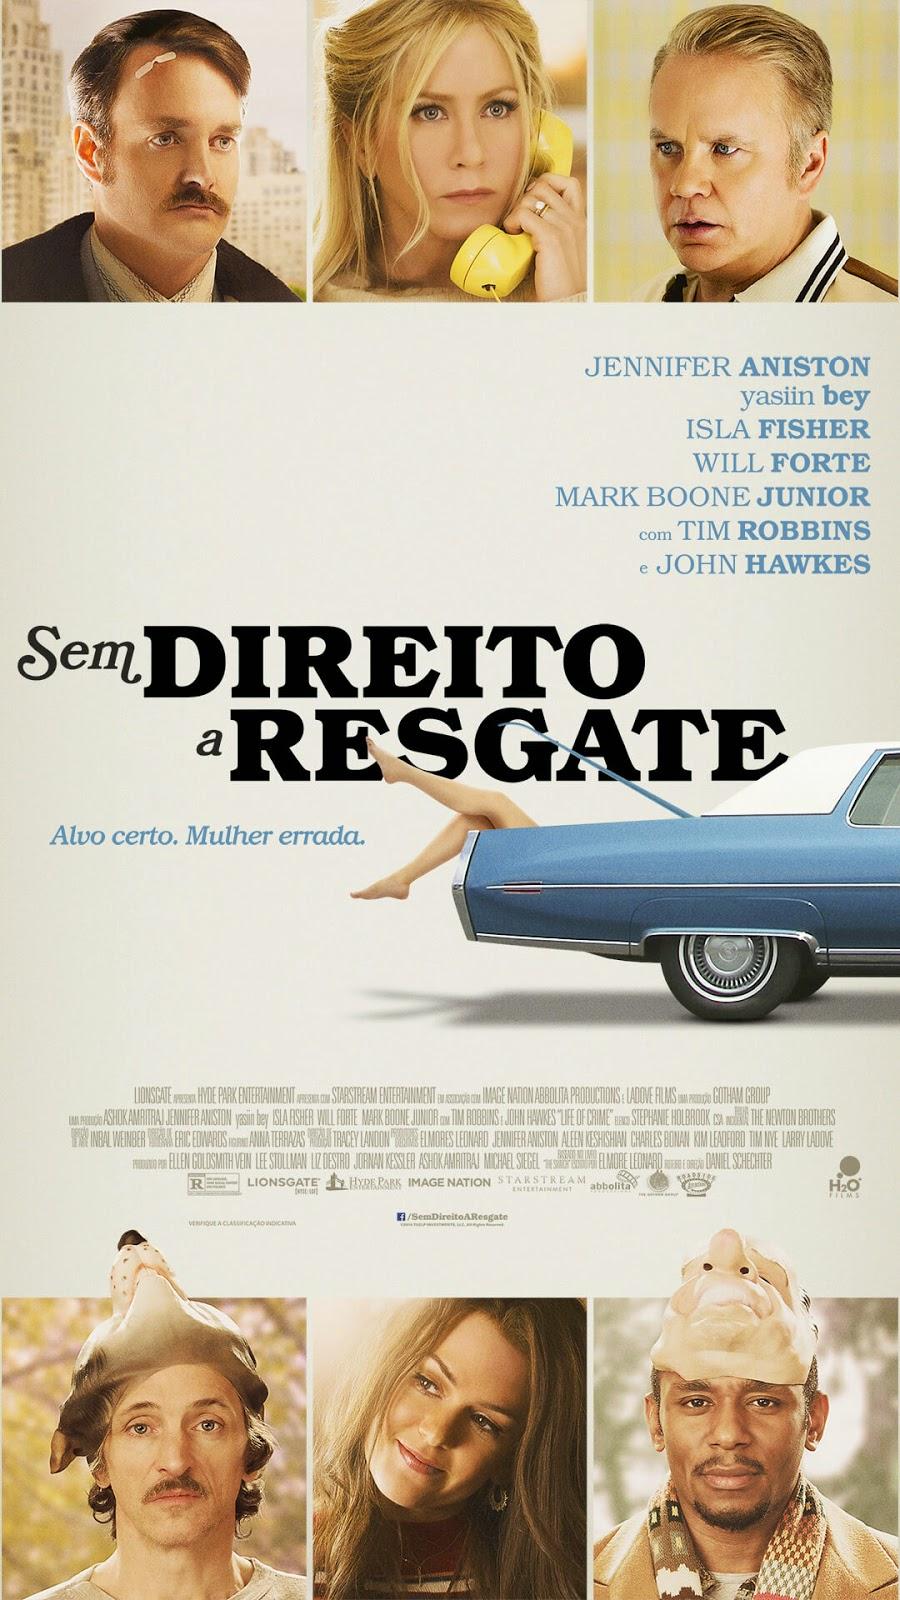 Sem Direito a Resgate - Full HD 1080p - Legendado